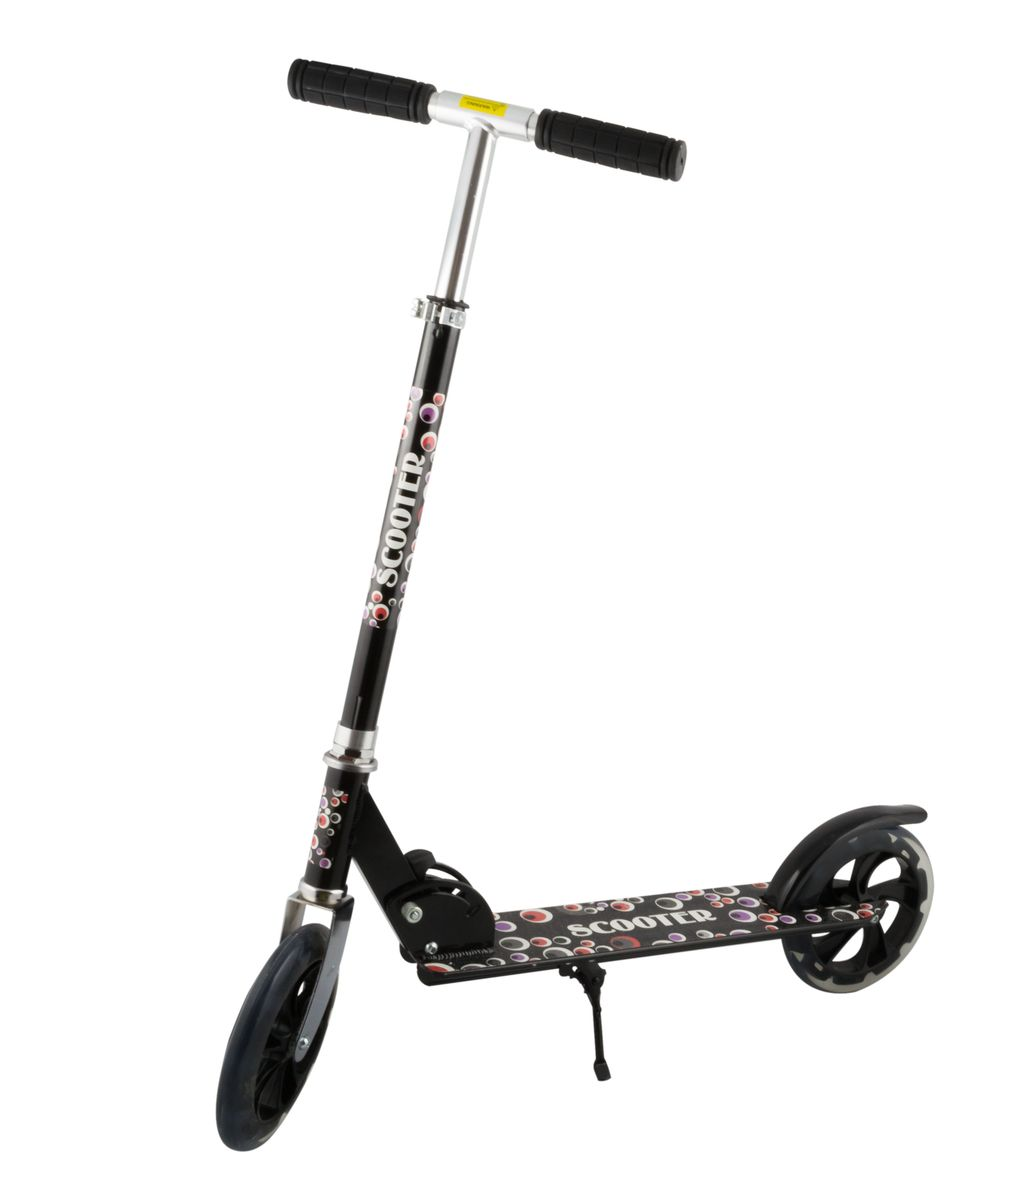 Самокат 2-колесный SC-02 (200 мм), цвет: черныйPNG-FM70Самокат 2-х колесный SC-02 (200 мм) - это двухколесная модель с колесами 200-мм для взрослых и детей. Эргономичные резиновые грипсы. Телескопический руль. Удобная система складывания. Алюминиевая дека. Металлический тормоз. Полиуретановые 200-мм колеса. Подножка для устойчивости самоката. Подшипники ABEC 7 для быстрой и плавной езды.Технические характеристики:Дека: алюминийРучки: резинаРуль: алюминийМатериал колеса (внутр): полипропиленМатериал колеса (внешний): полиуретанРегулировка руля: естьСистема складывания: естьРазмер колеса, мм: 200Подшипники: Abec-7Цвет: черныйВес, гр: 3350Производство: КНРЕд. изм: шт.Кратность товара: 1Количество в коробке: 6